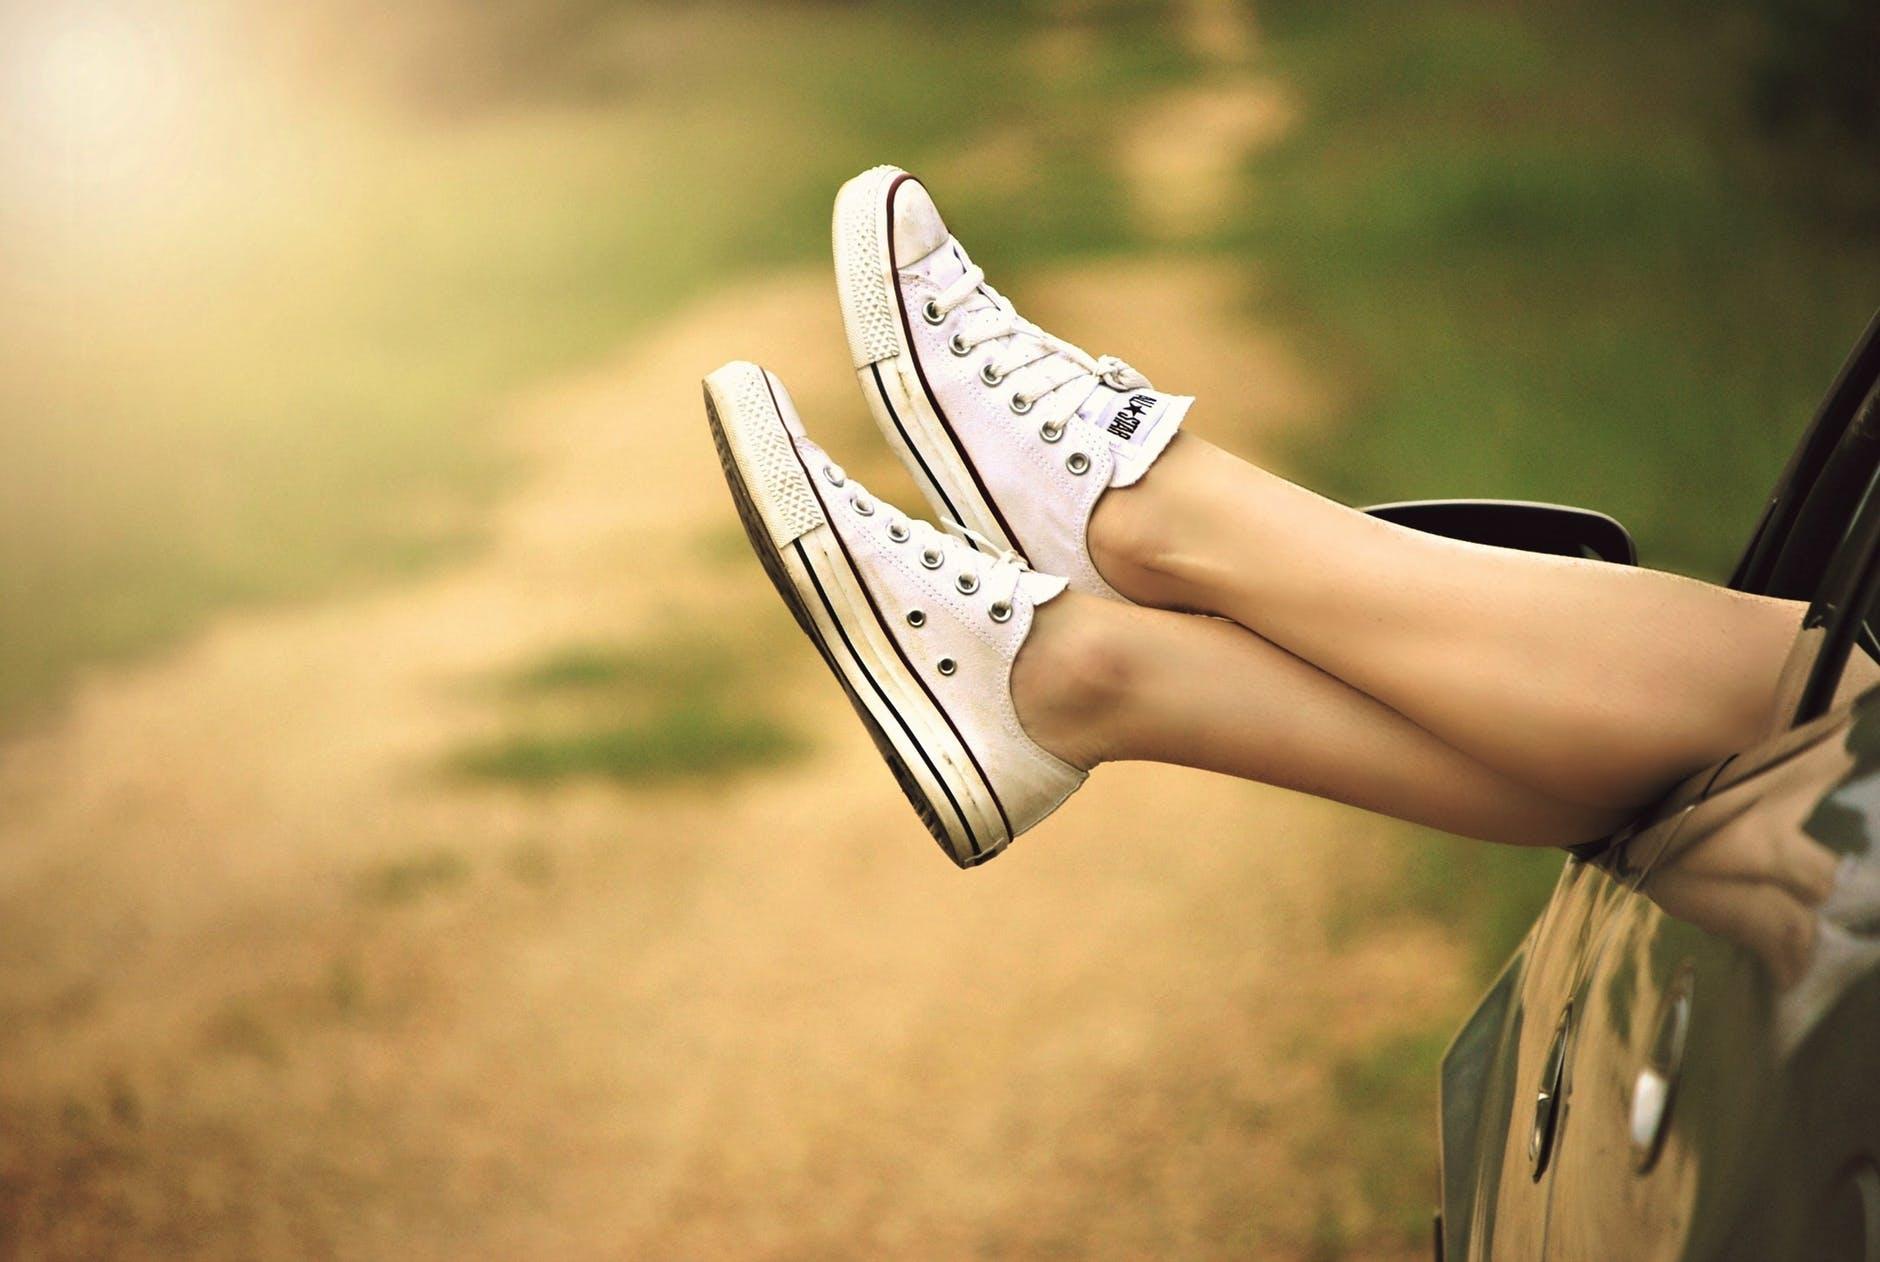 varicoză leaches pe picioarele punctelor femeile varicoase